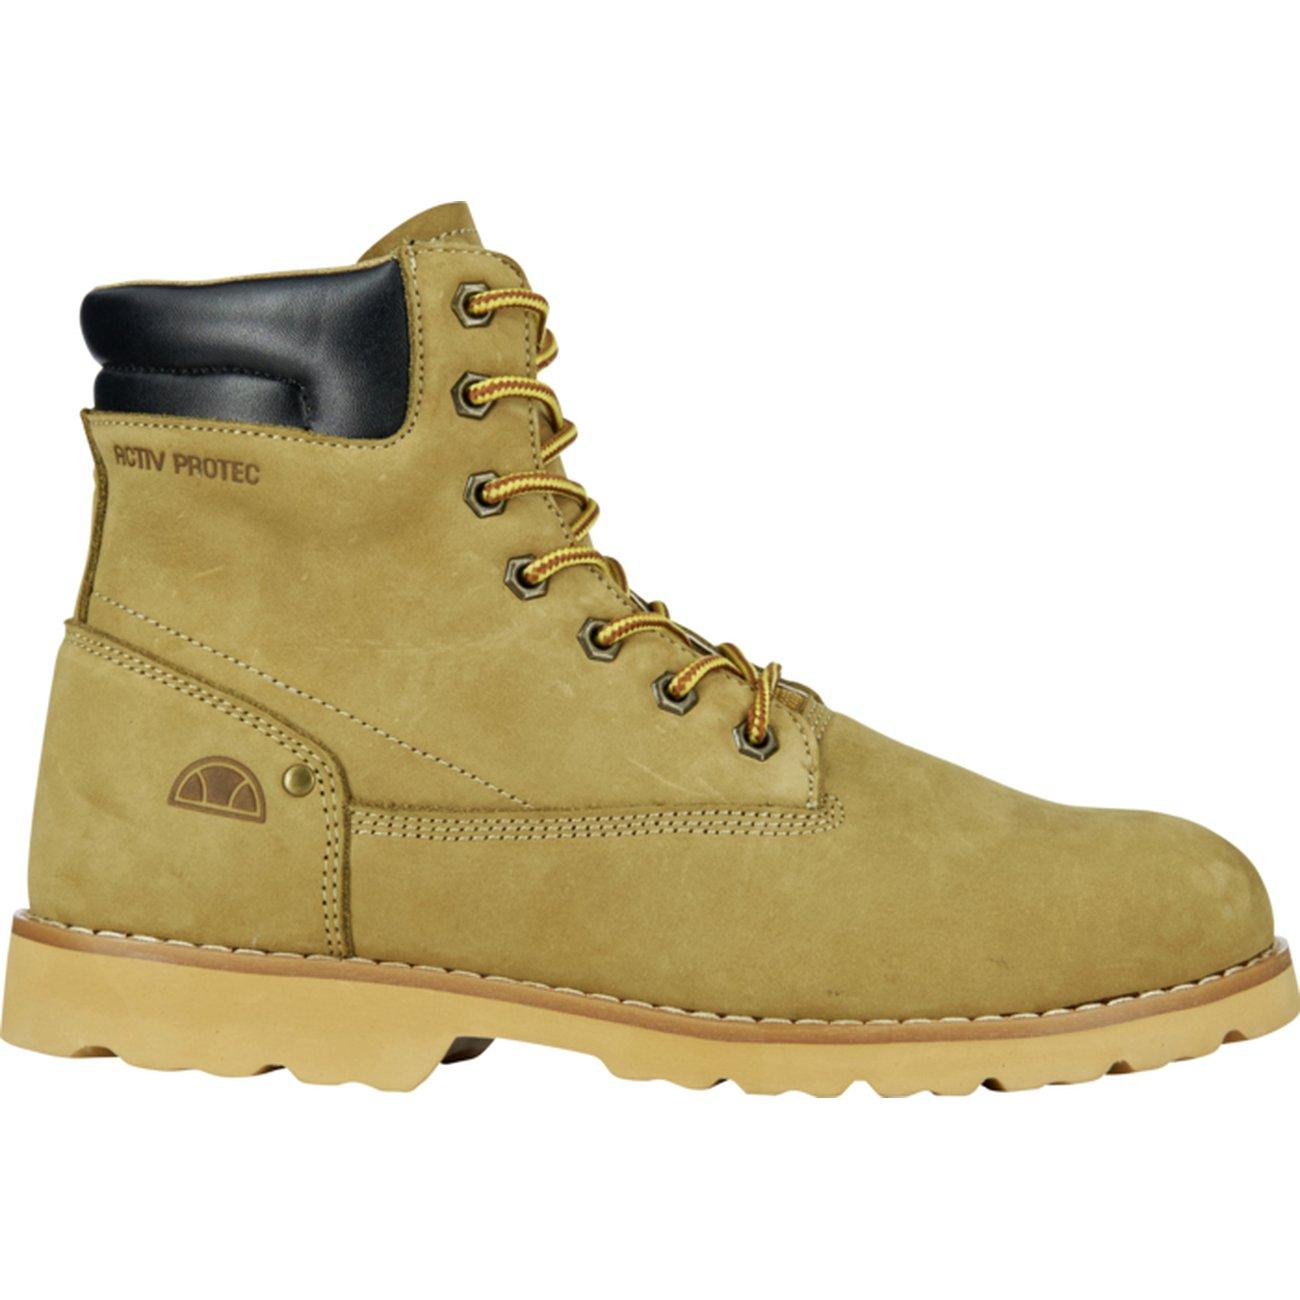 Chaussures de Randonnée Ellesse Narvik Cs Leather - Aucamville (31)